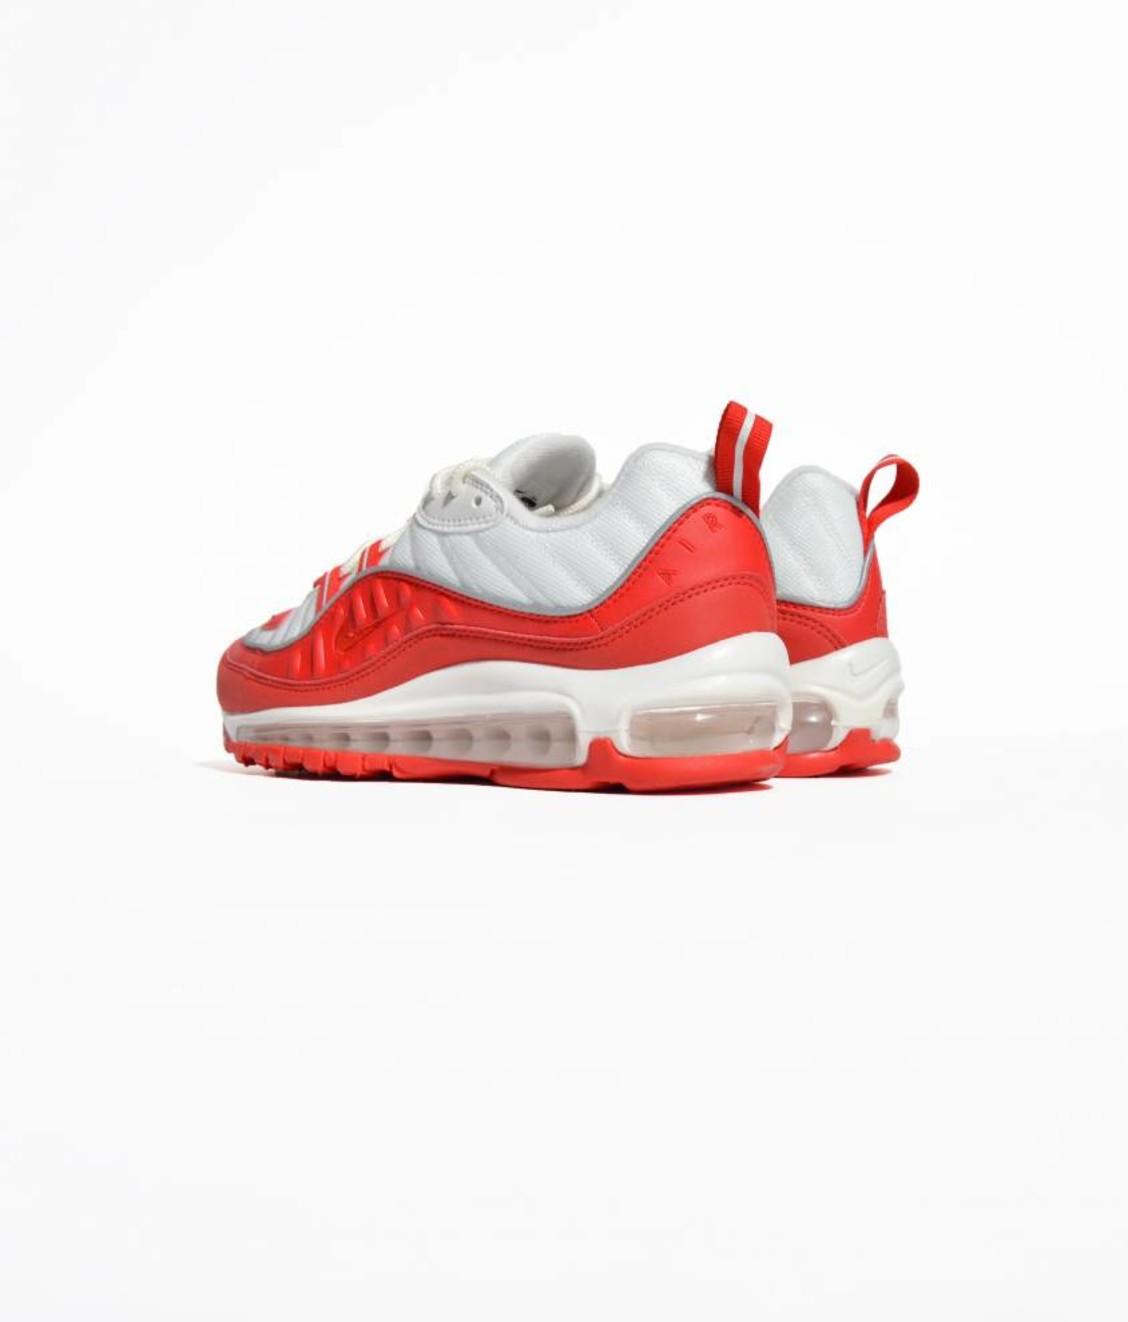 Nike Nike Air Max 98 University Red